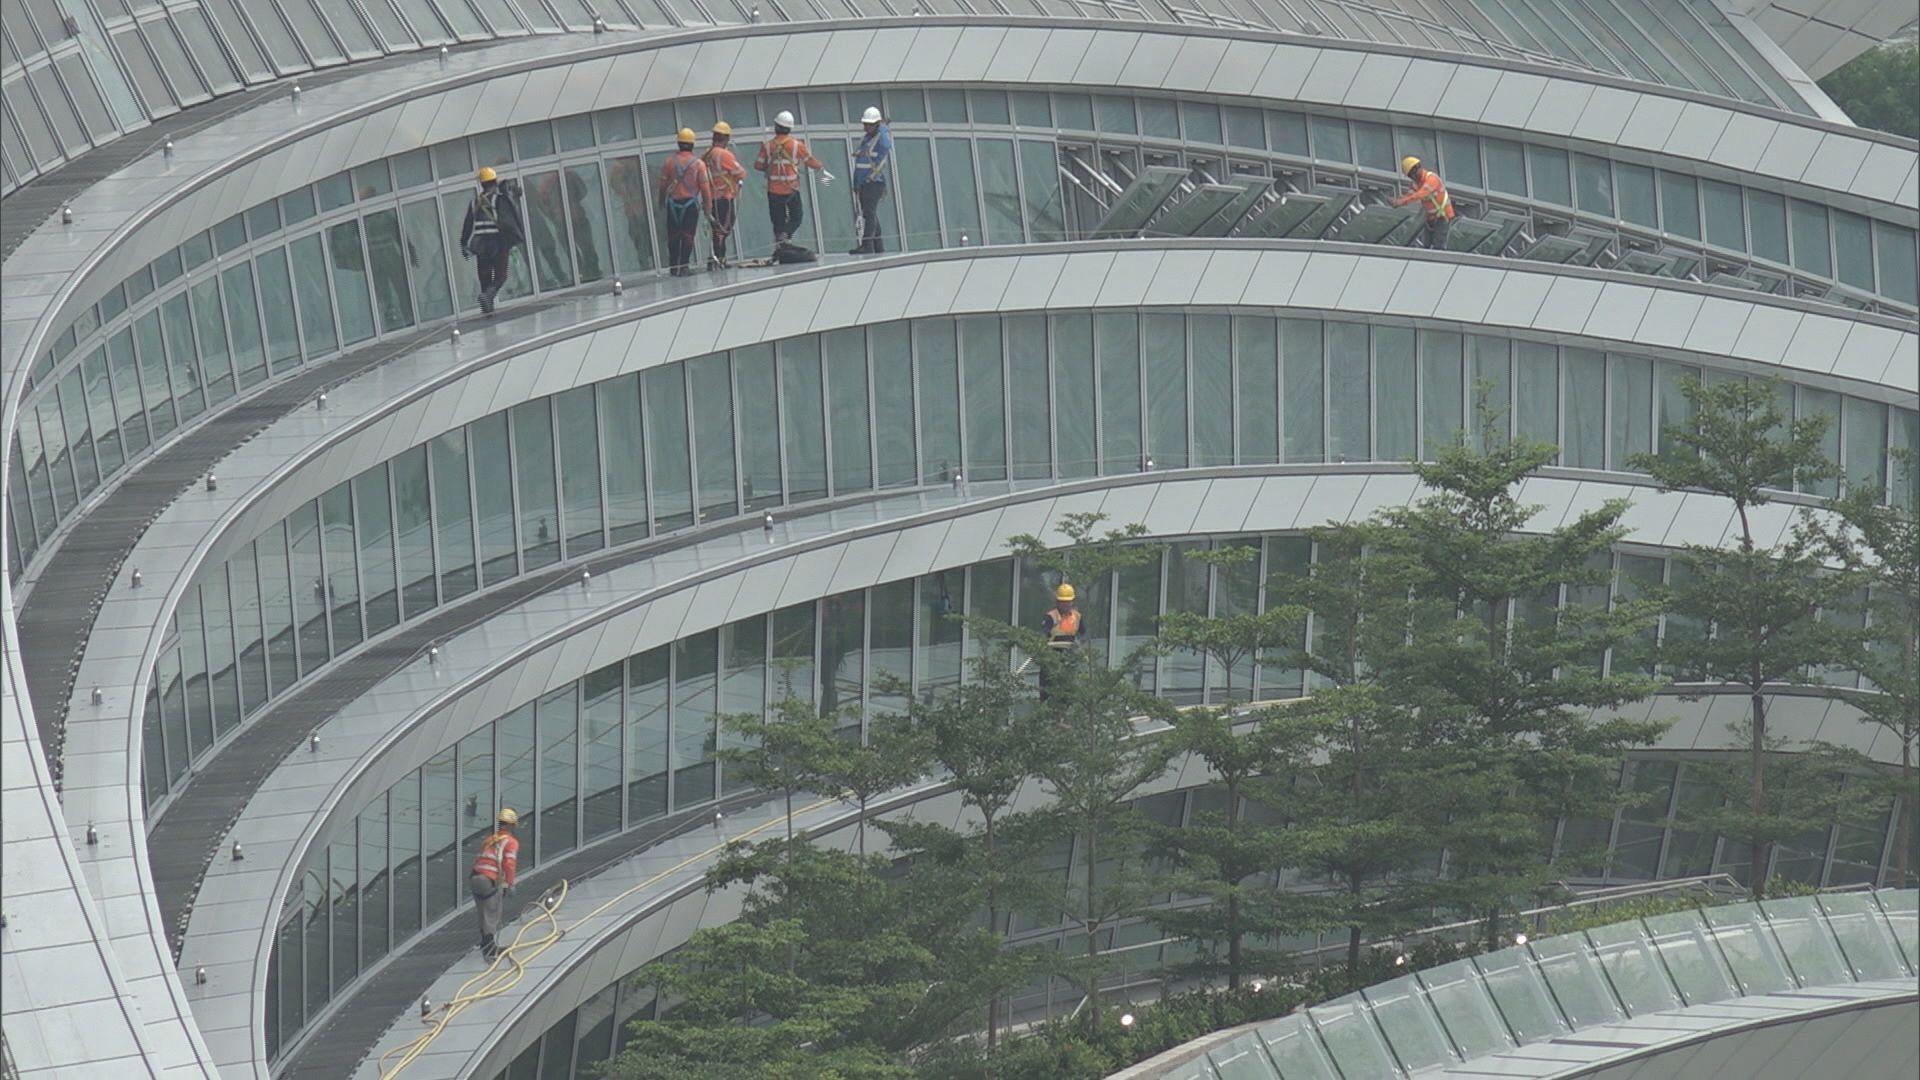 港鐵指西九站玻璃天幕爆裂機會低